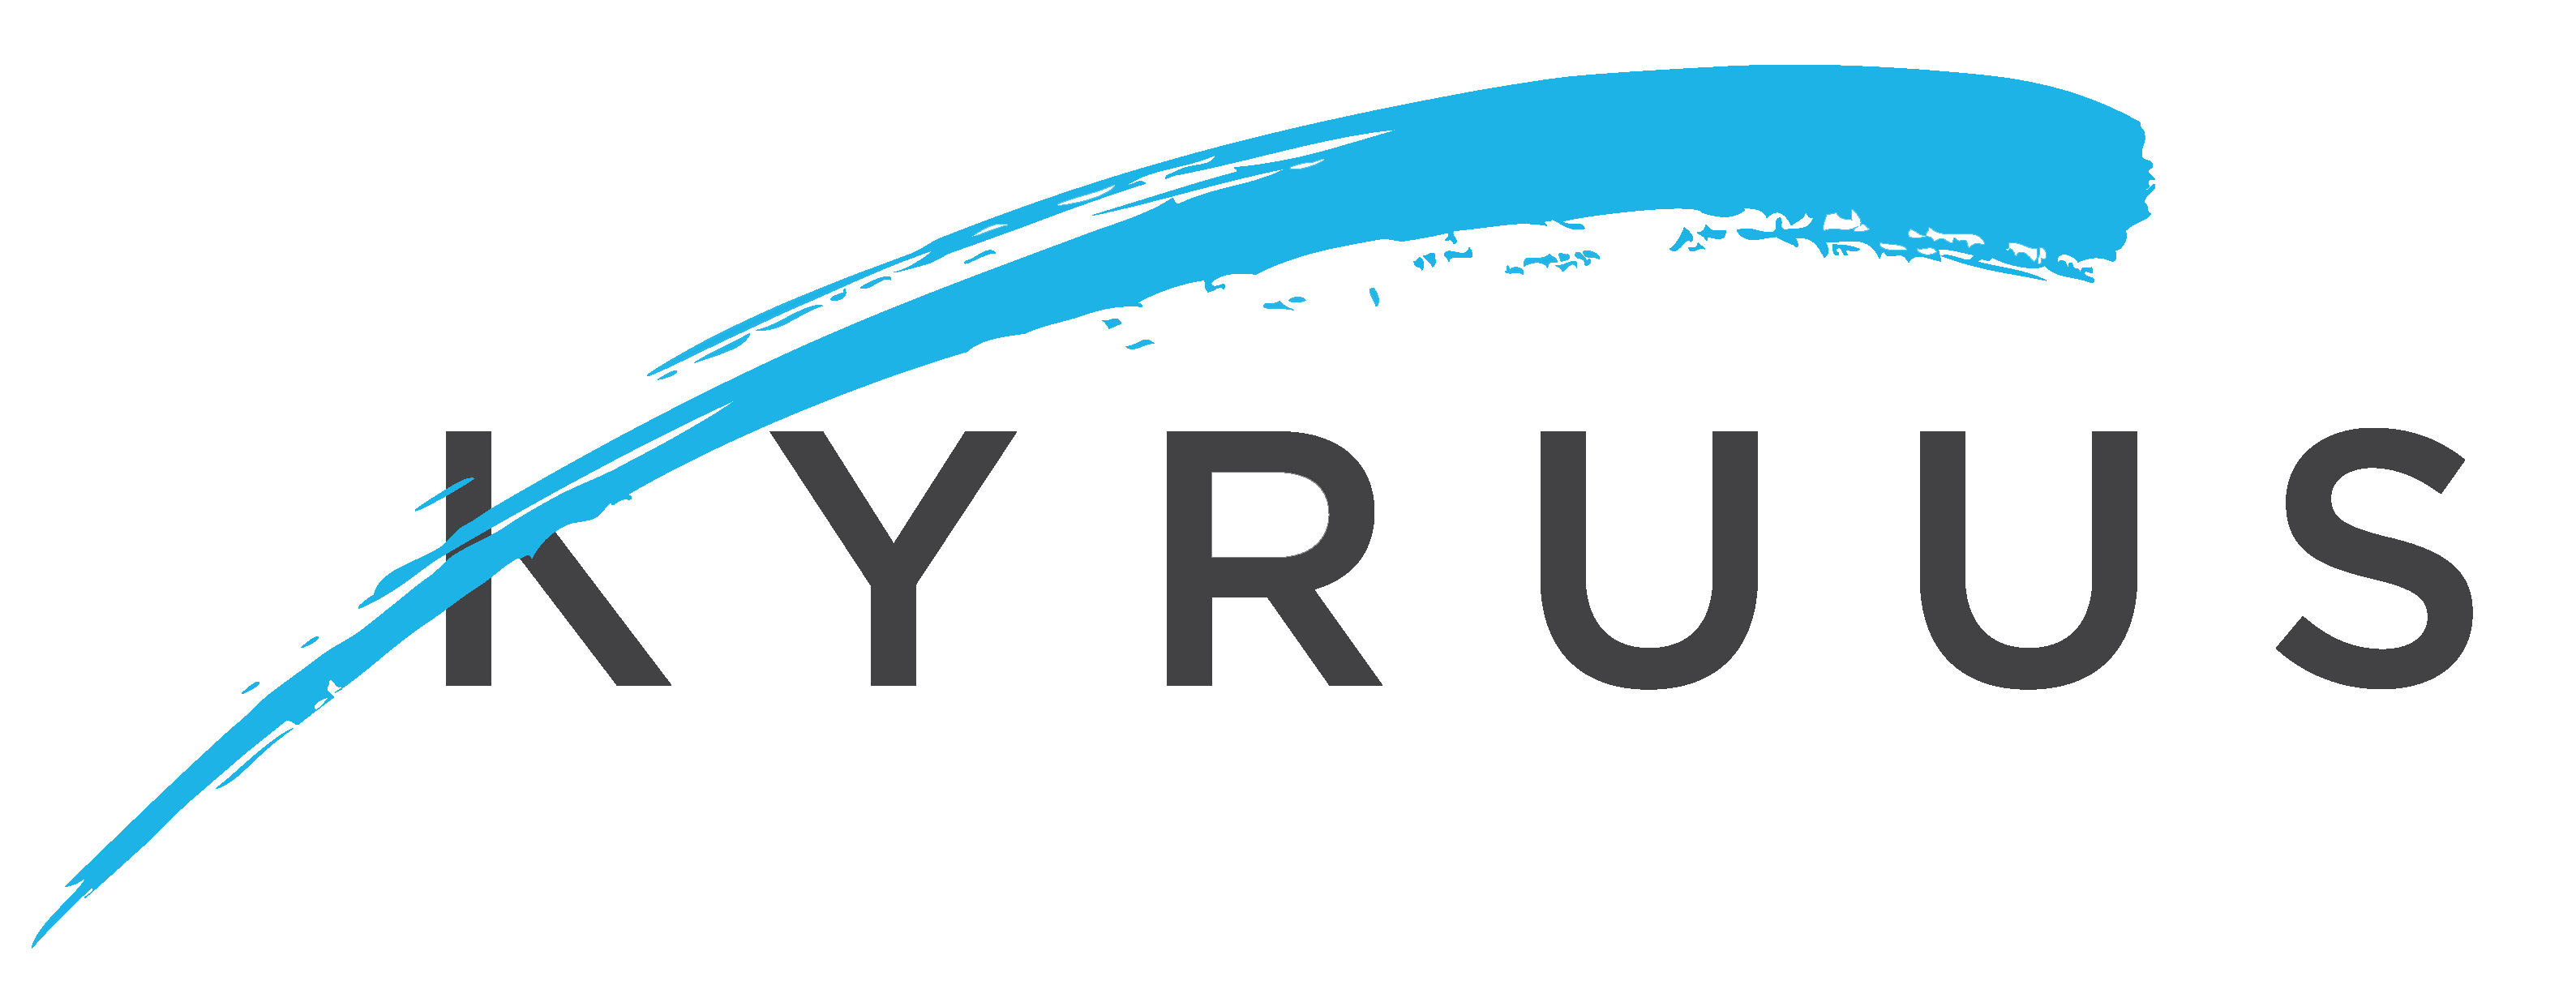 Kyruus logo